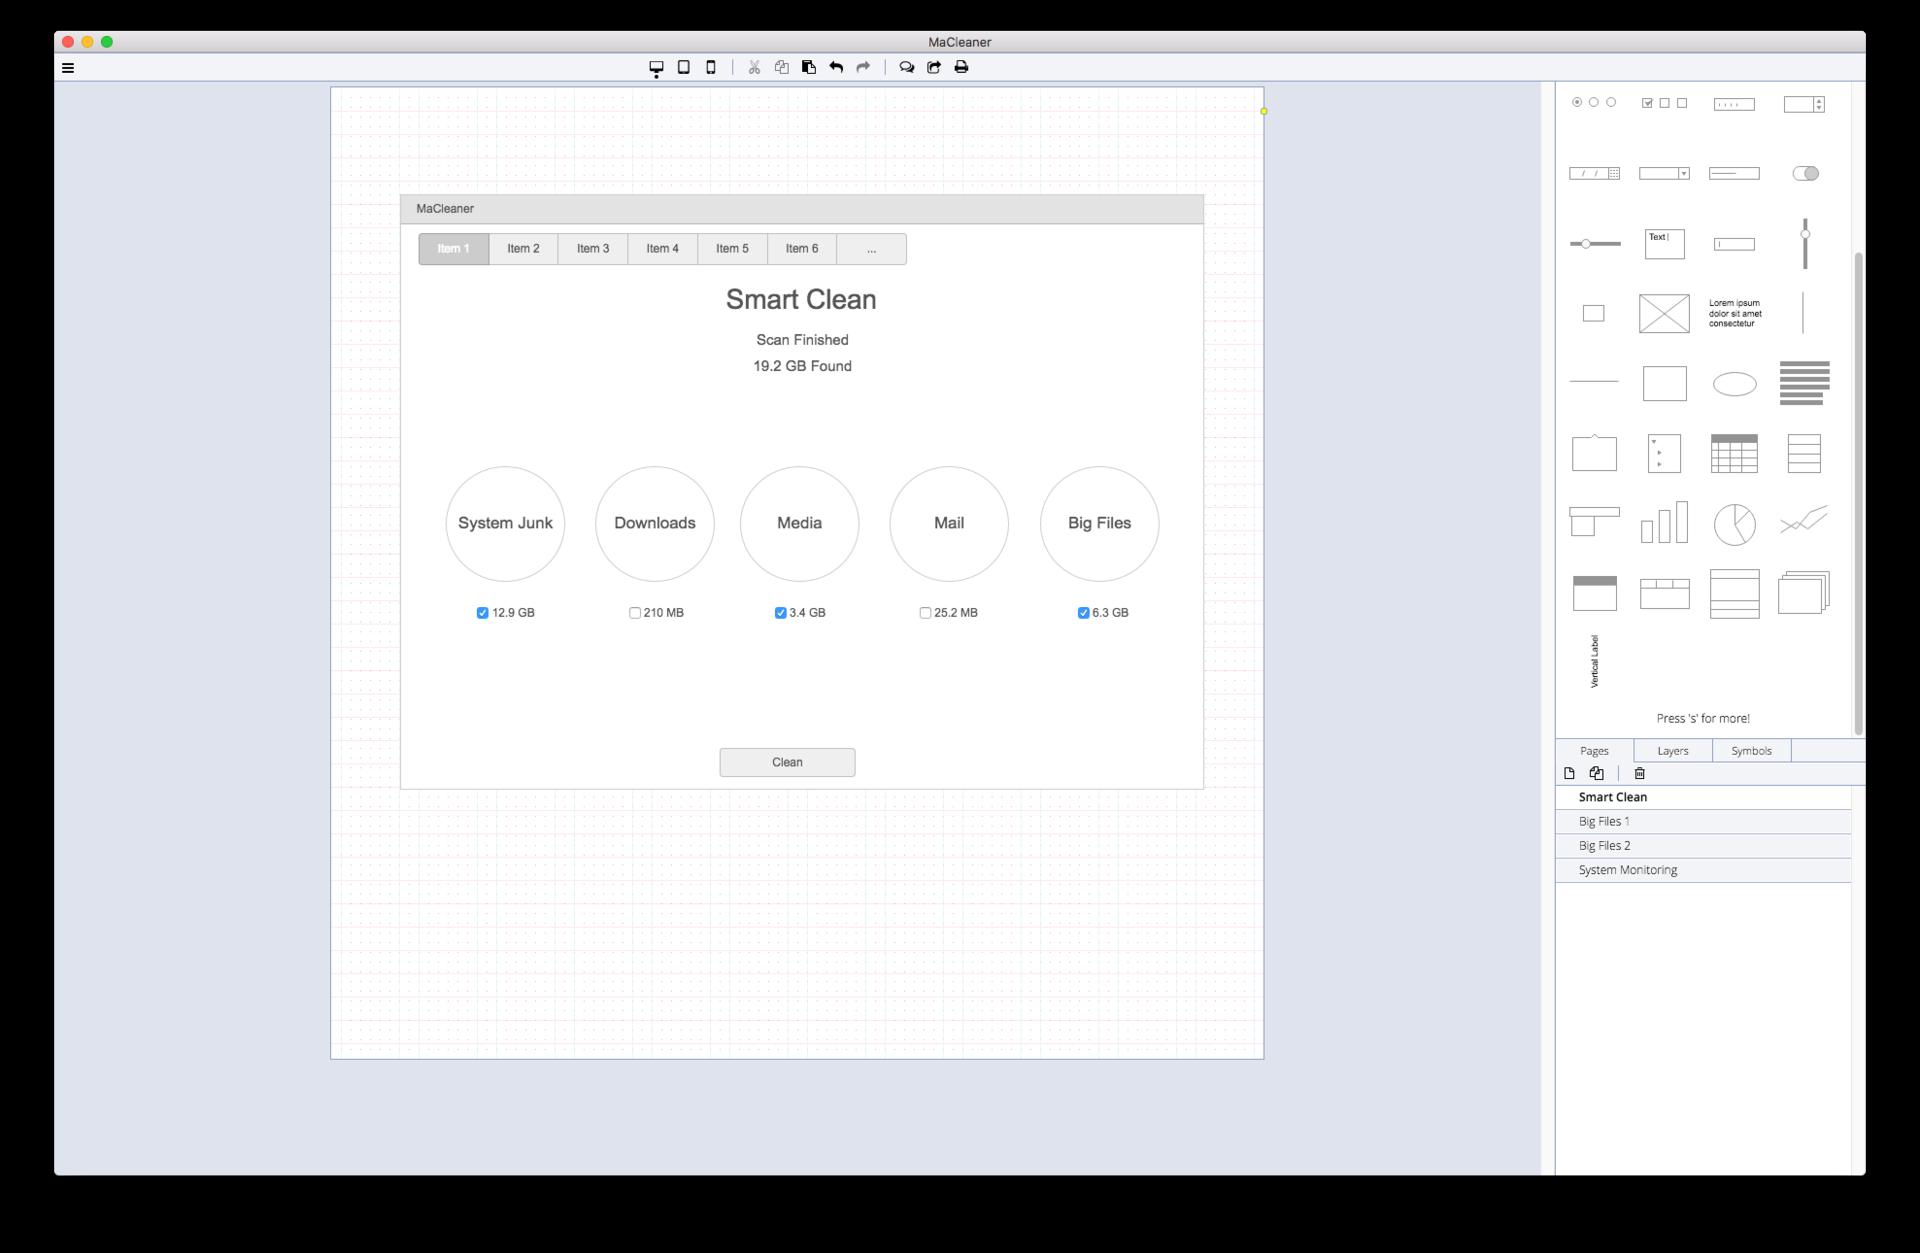 Инструменты для прототипирования на Mac: сопоставительная характеристика - 11